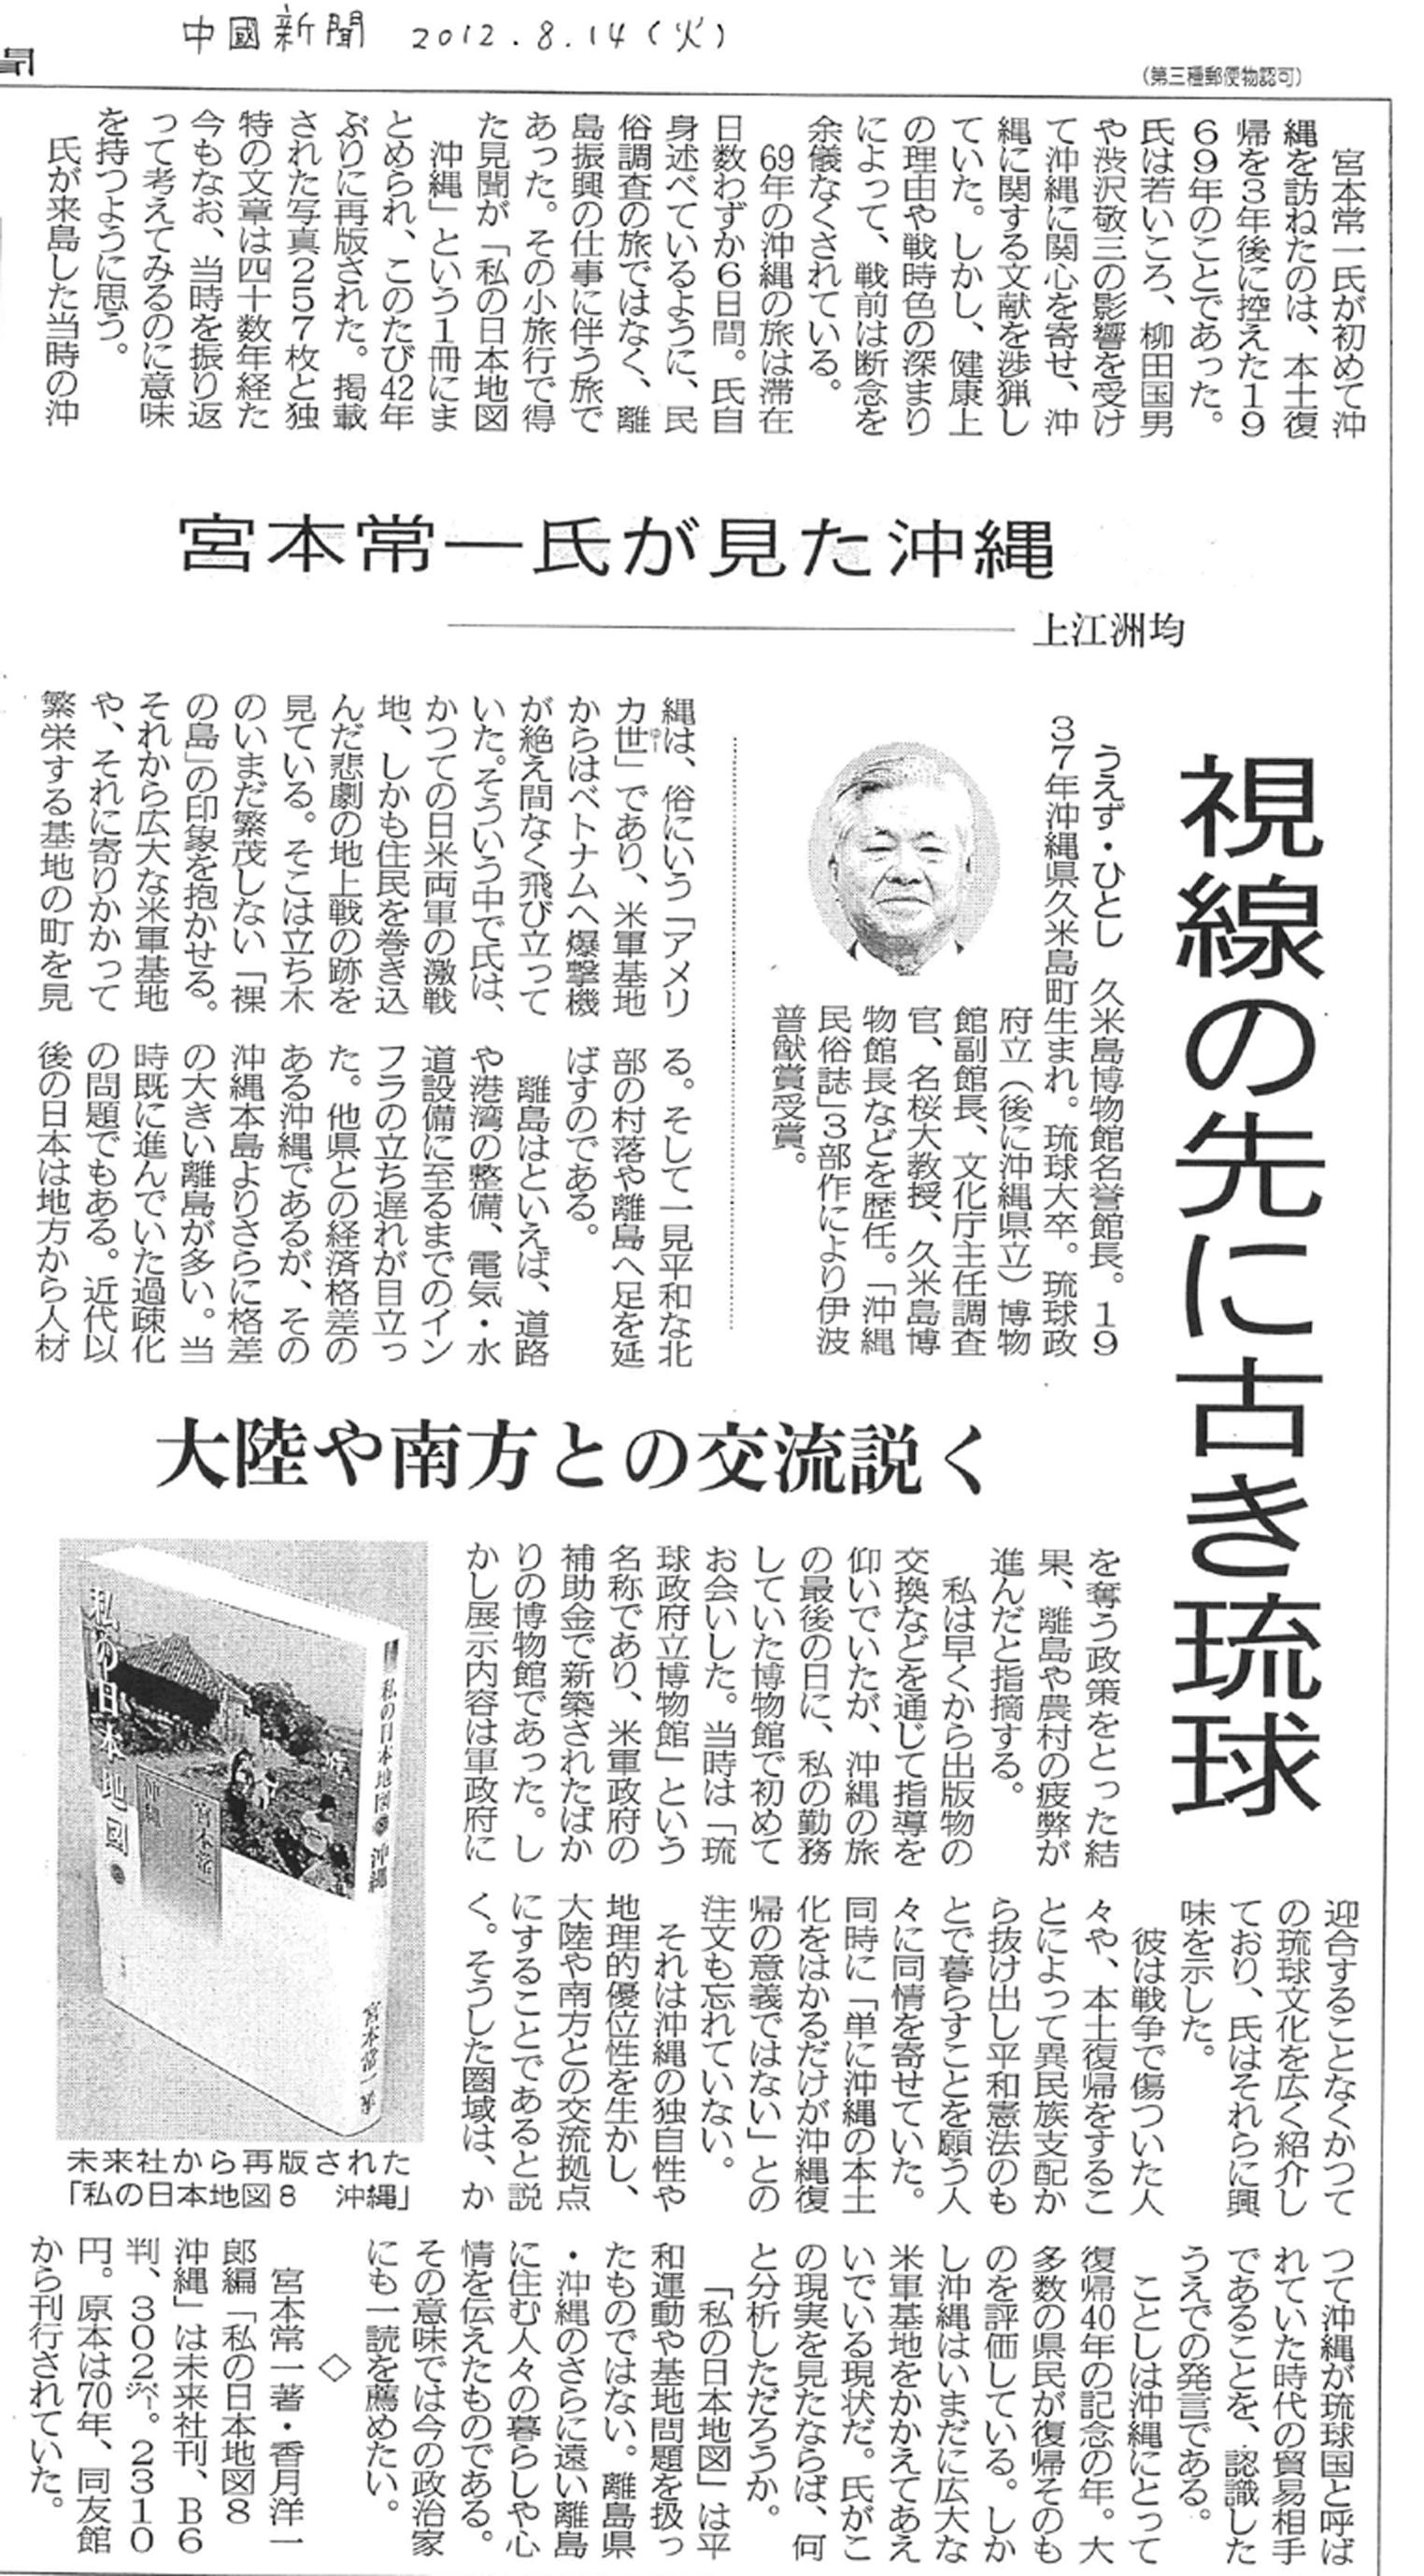 http://www.miraisha.co.jp/topics/20120820/topics_uezu.jpg